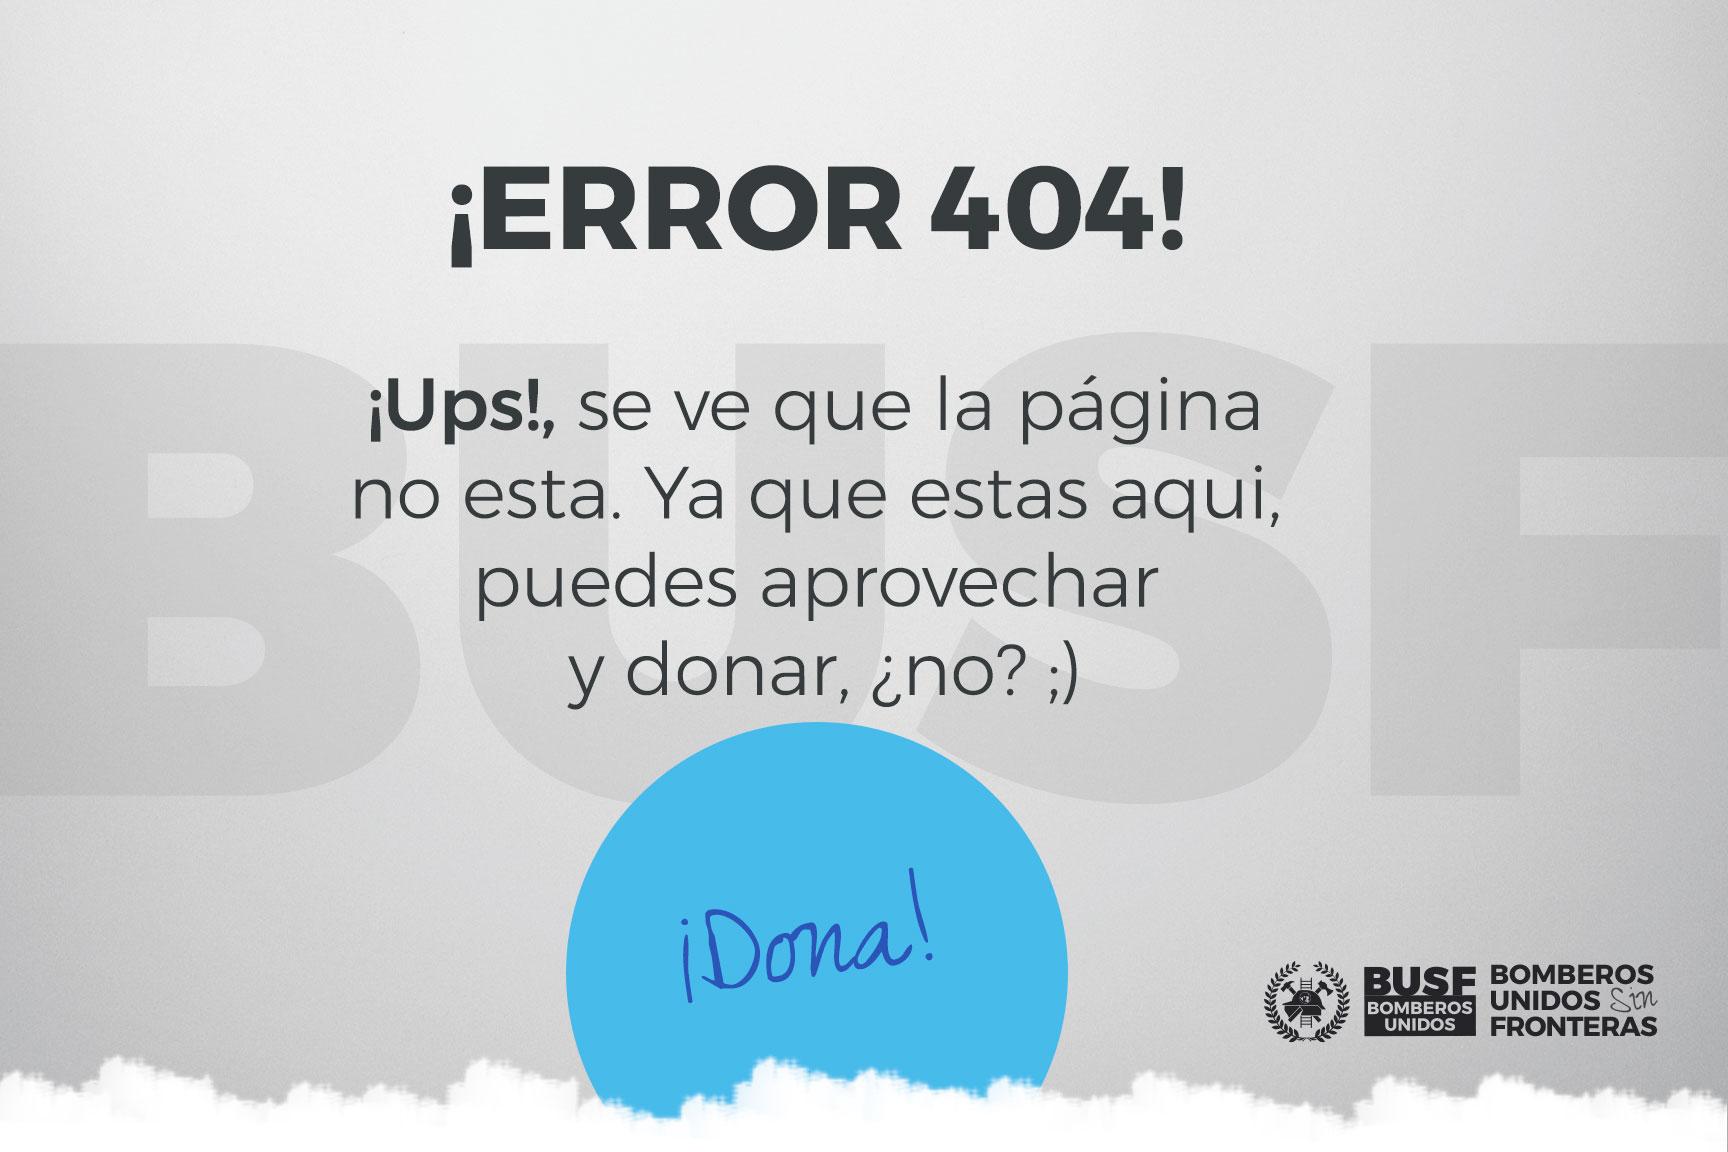 Error 404 - Busf no lo encuentra